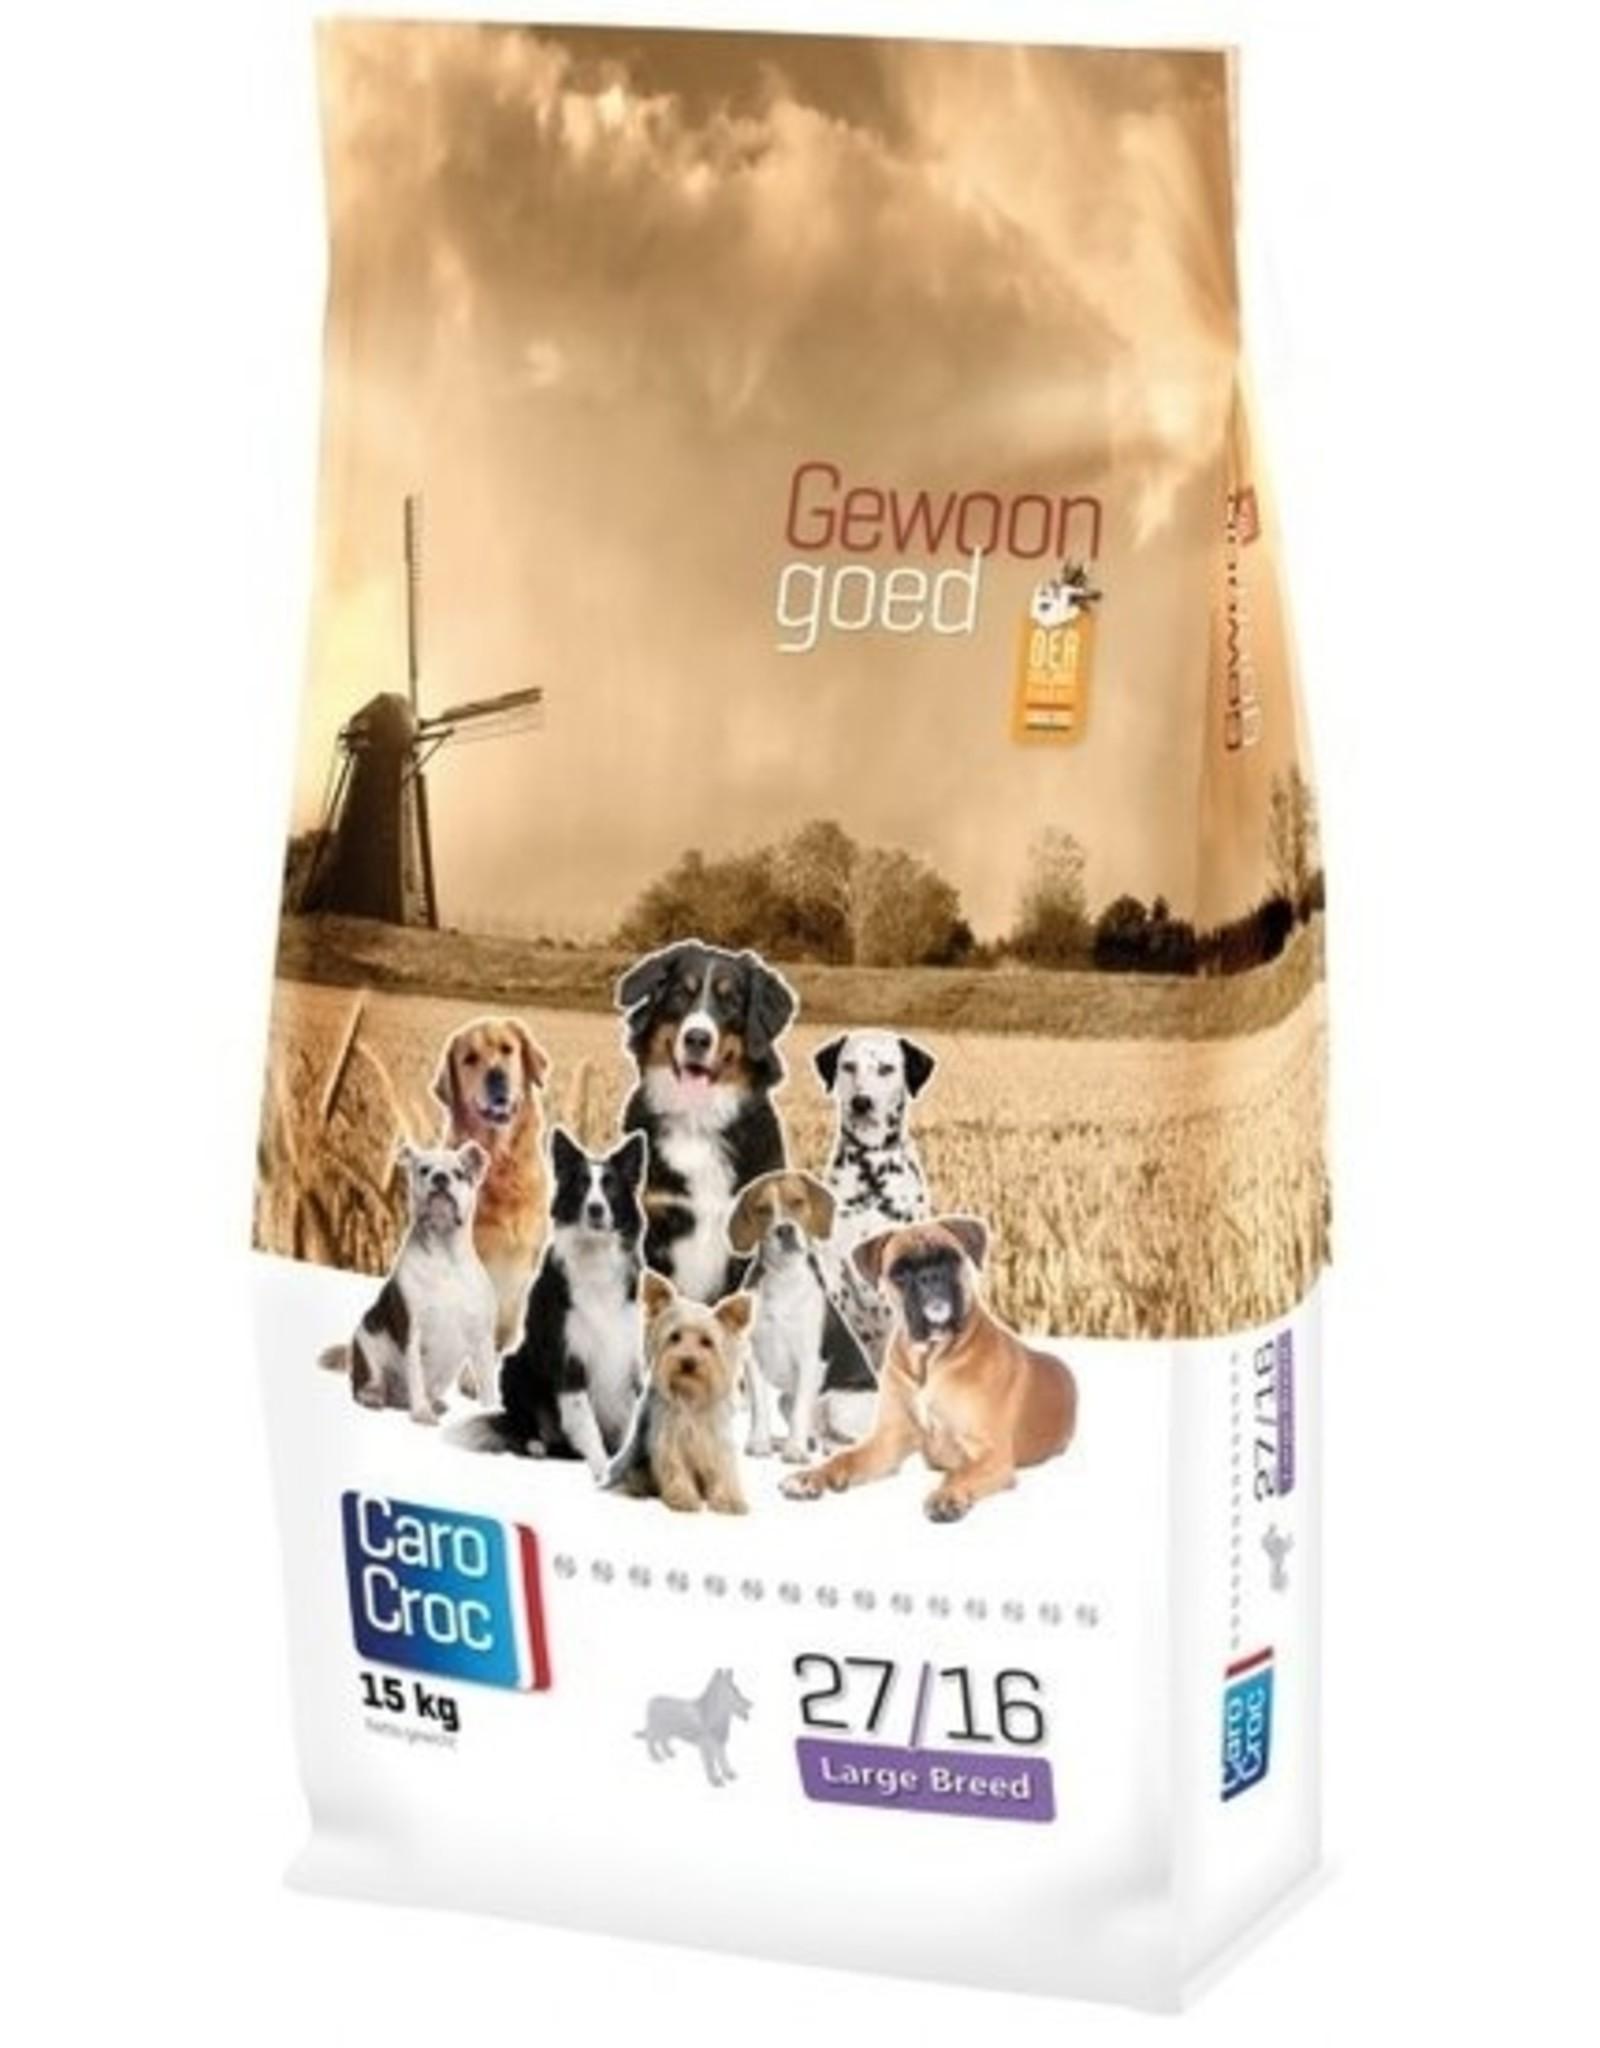 Sanimed Sanimed Carocroc Large Breed 27/16 Hund 15kg